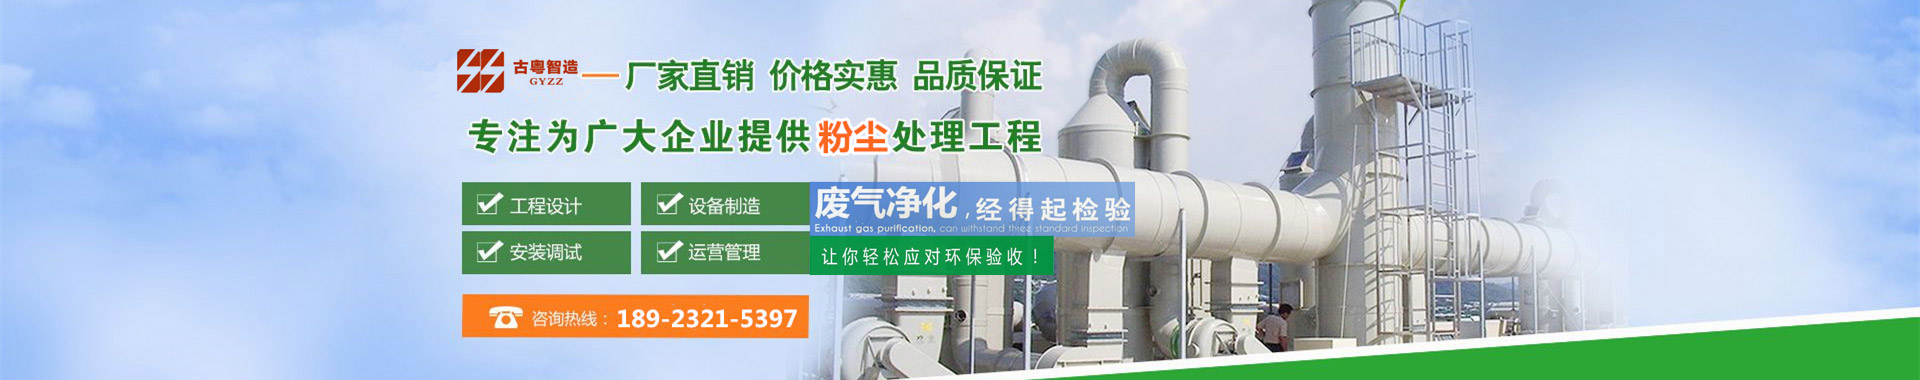 古粵智造提供各種噪音、廢氣、粉塵、污水治理設備